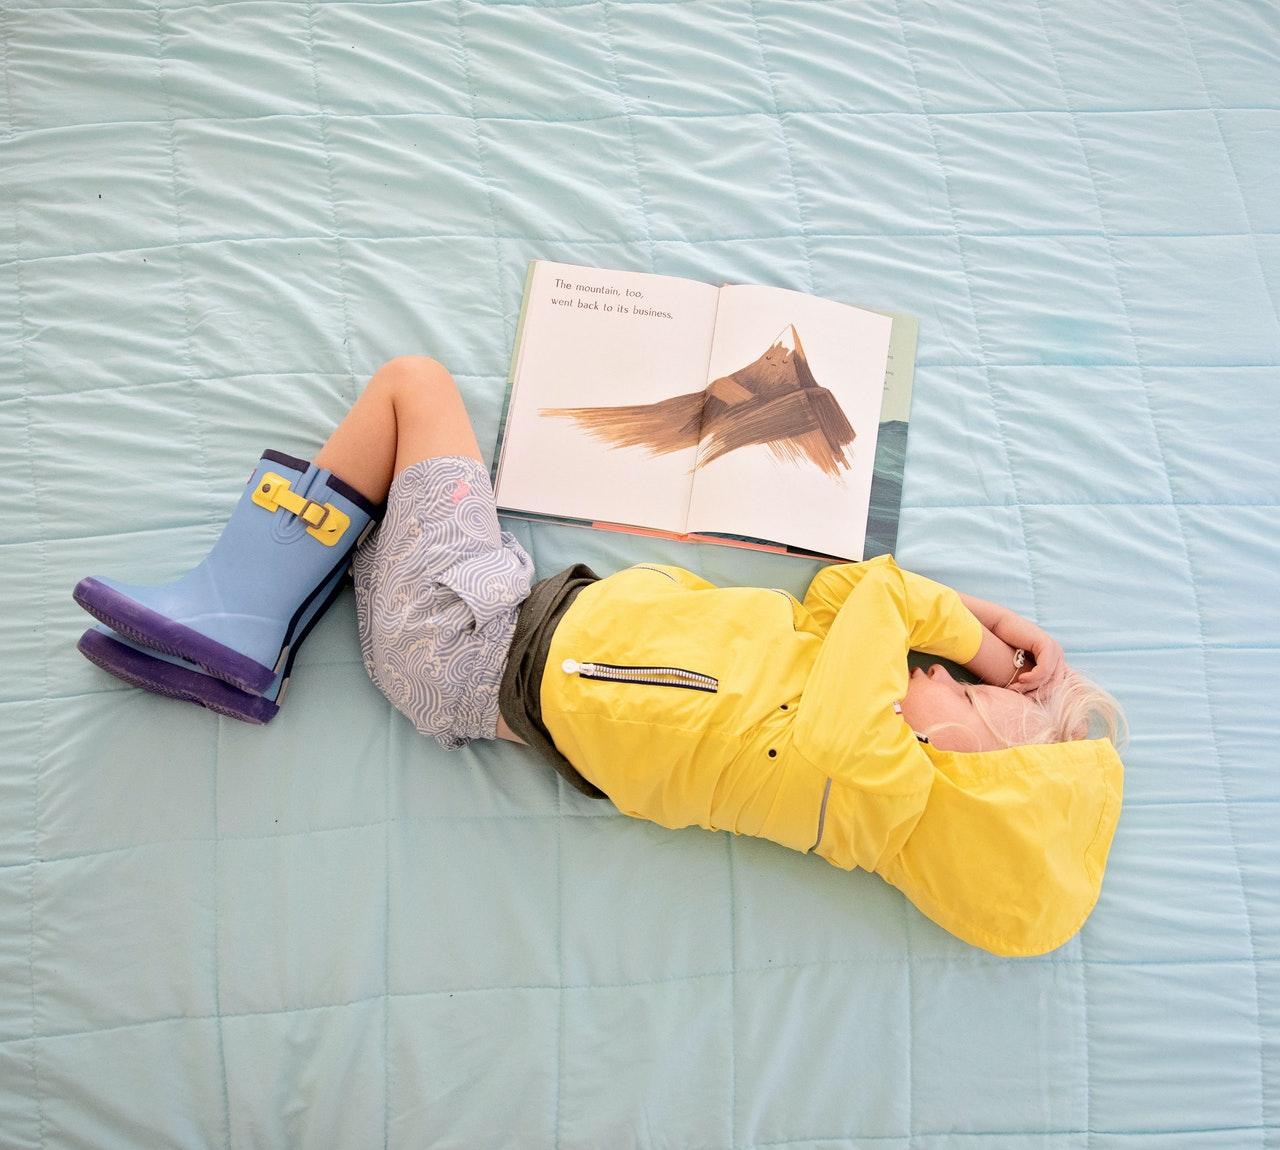 baby-in-yellow-hooded-jacket-sleeping-beside-book-2992878.jpg